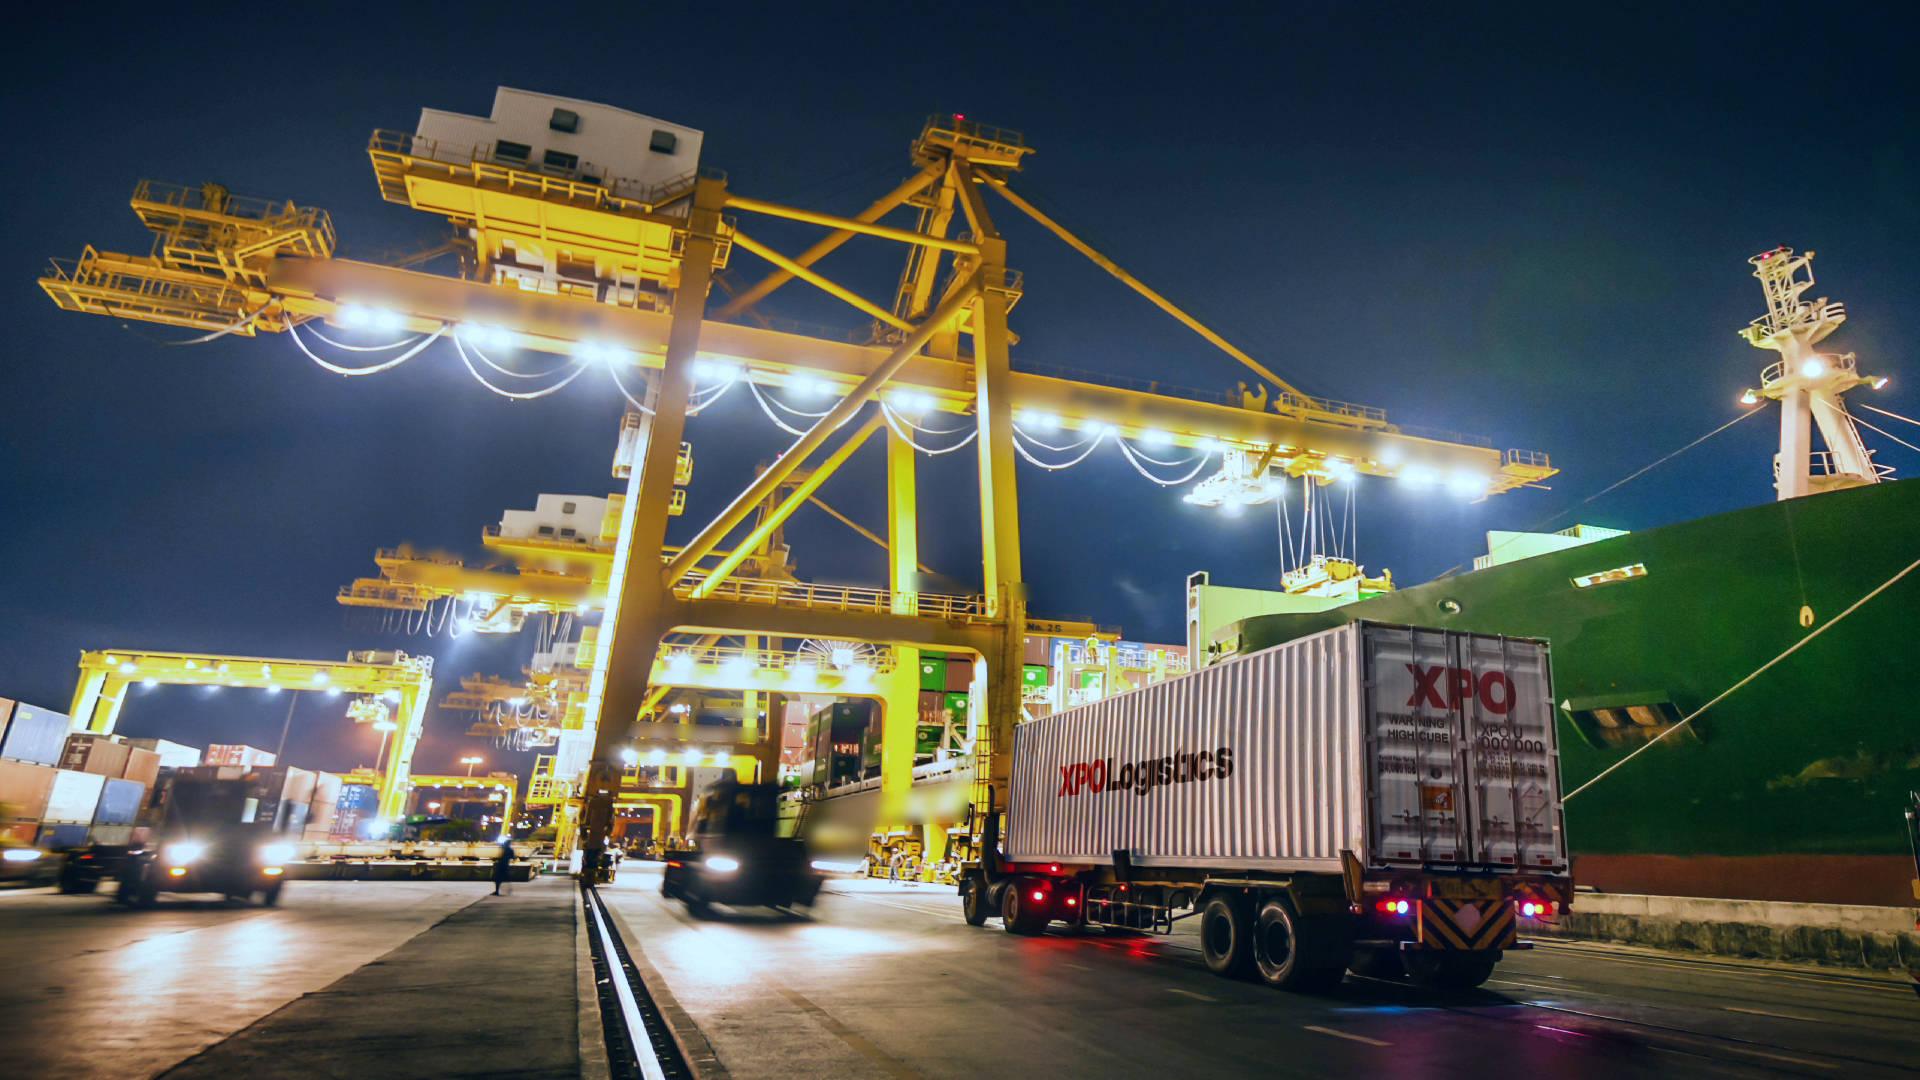 Ban hành Kế hoạch cải thiện Chỉ số hiệu quả logistics của Việt Nam